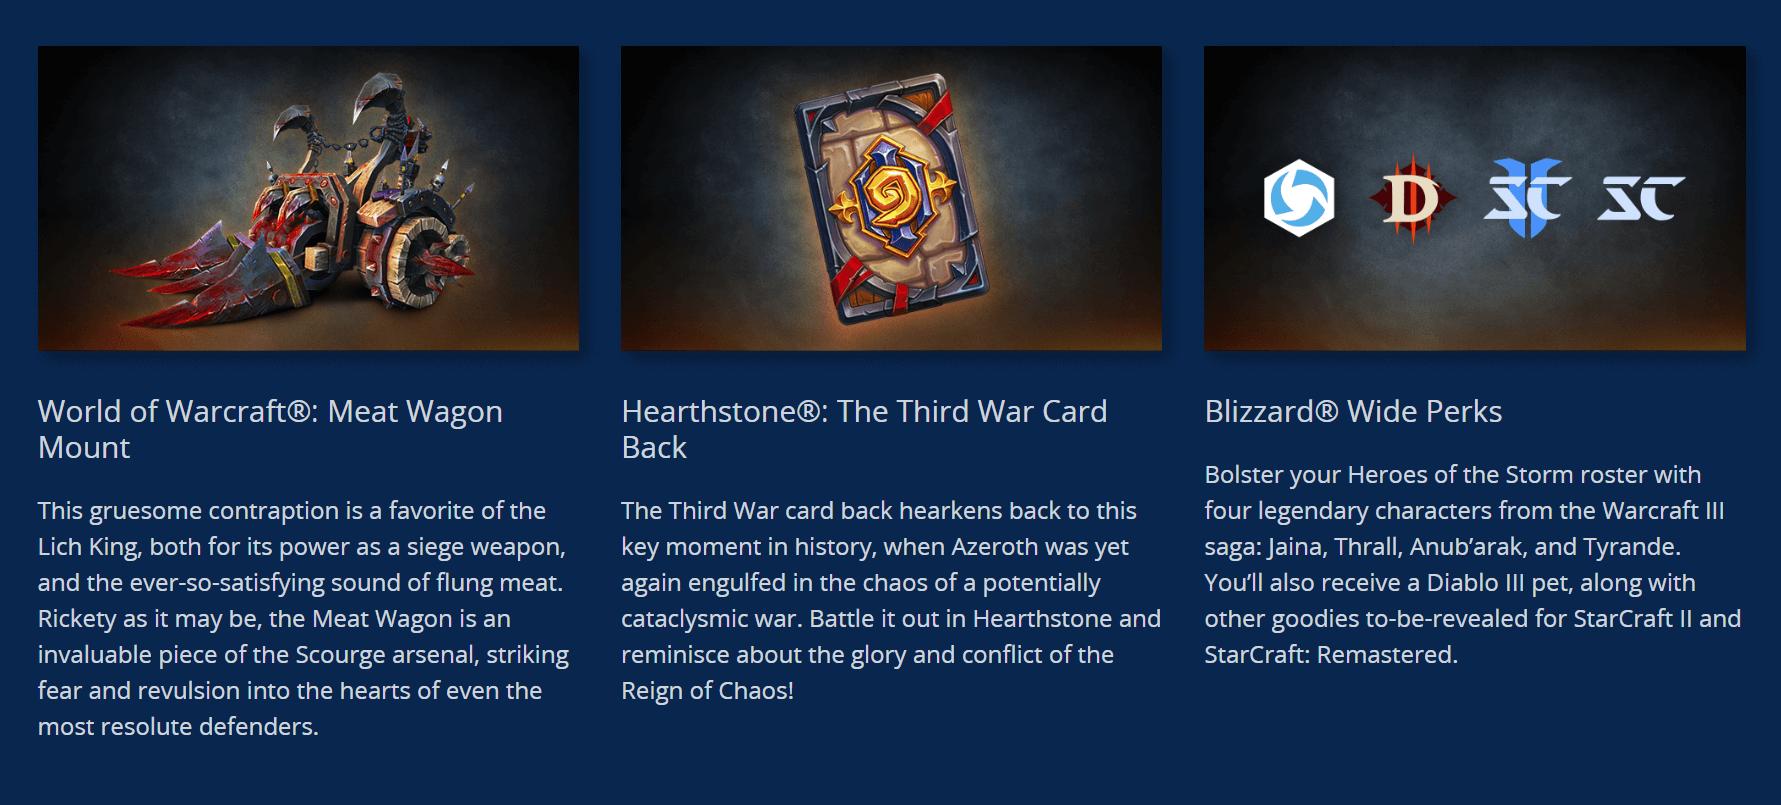 Warcraft 3: Reforged Beta Arrives November 1st | GamePress